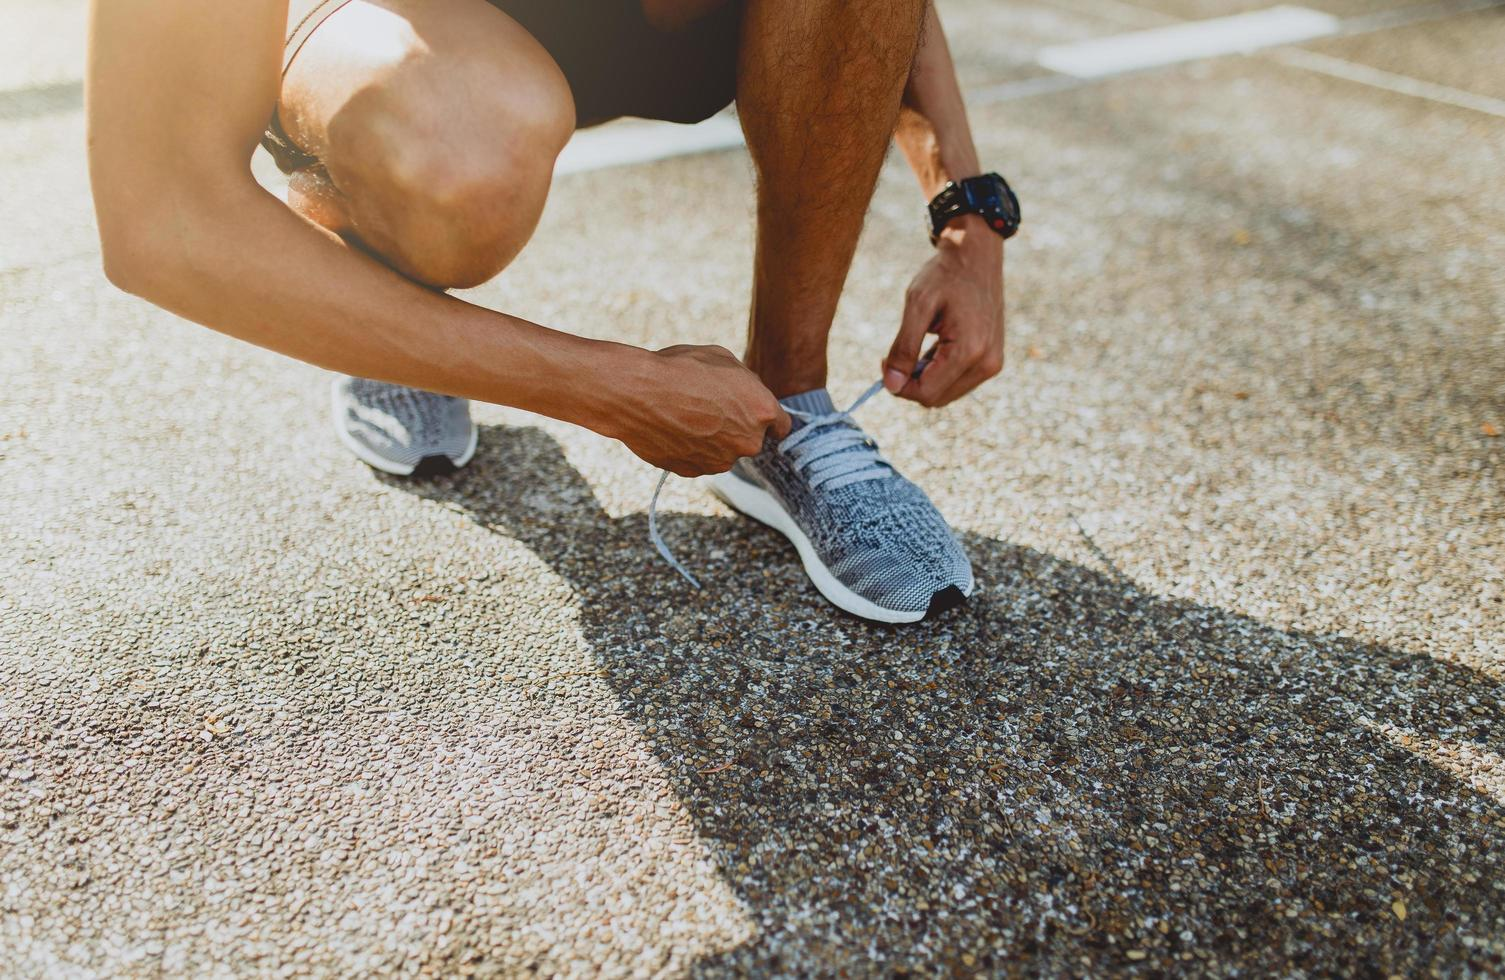 Läufer Schnürsenkel binden foto